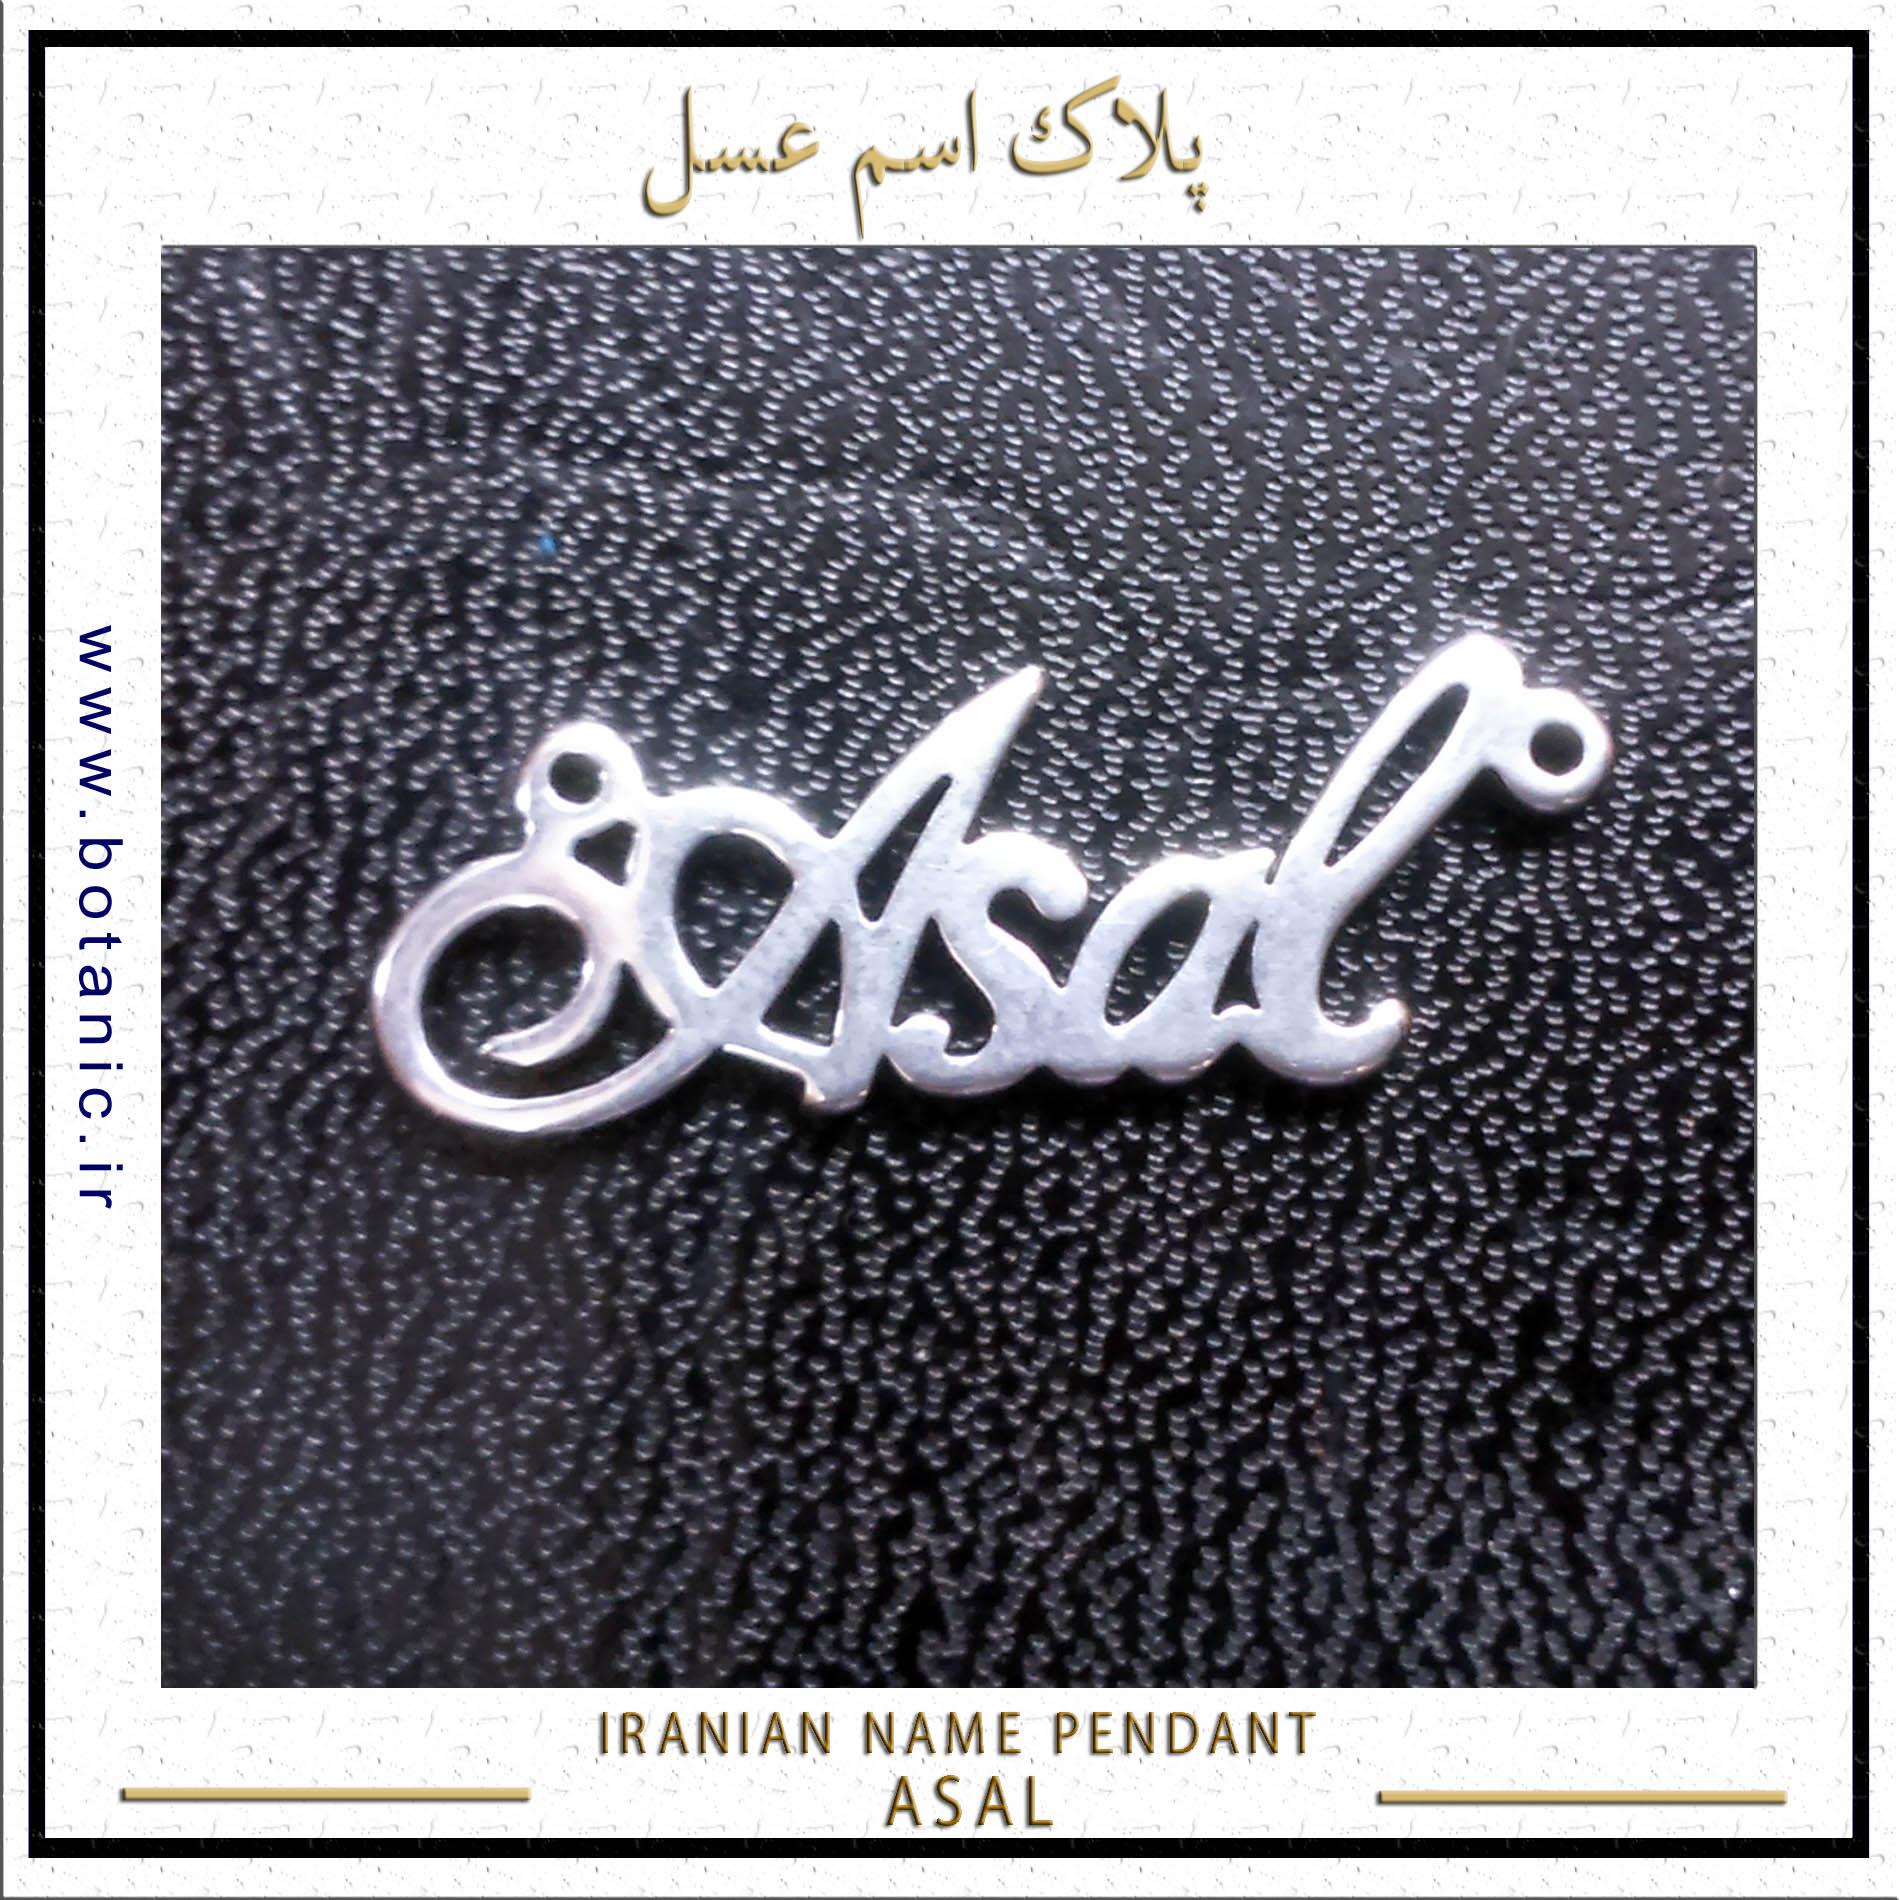 Iranian Name Pendant Asal